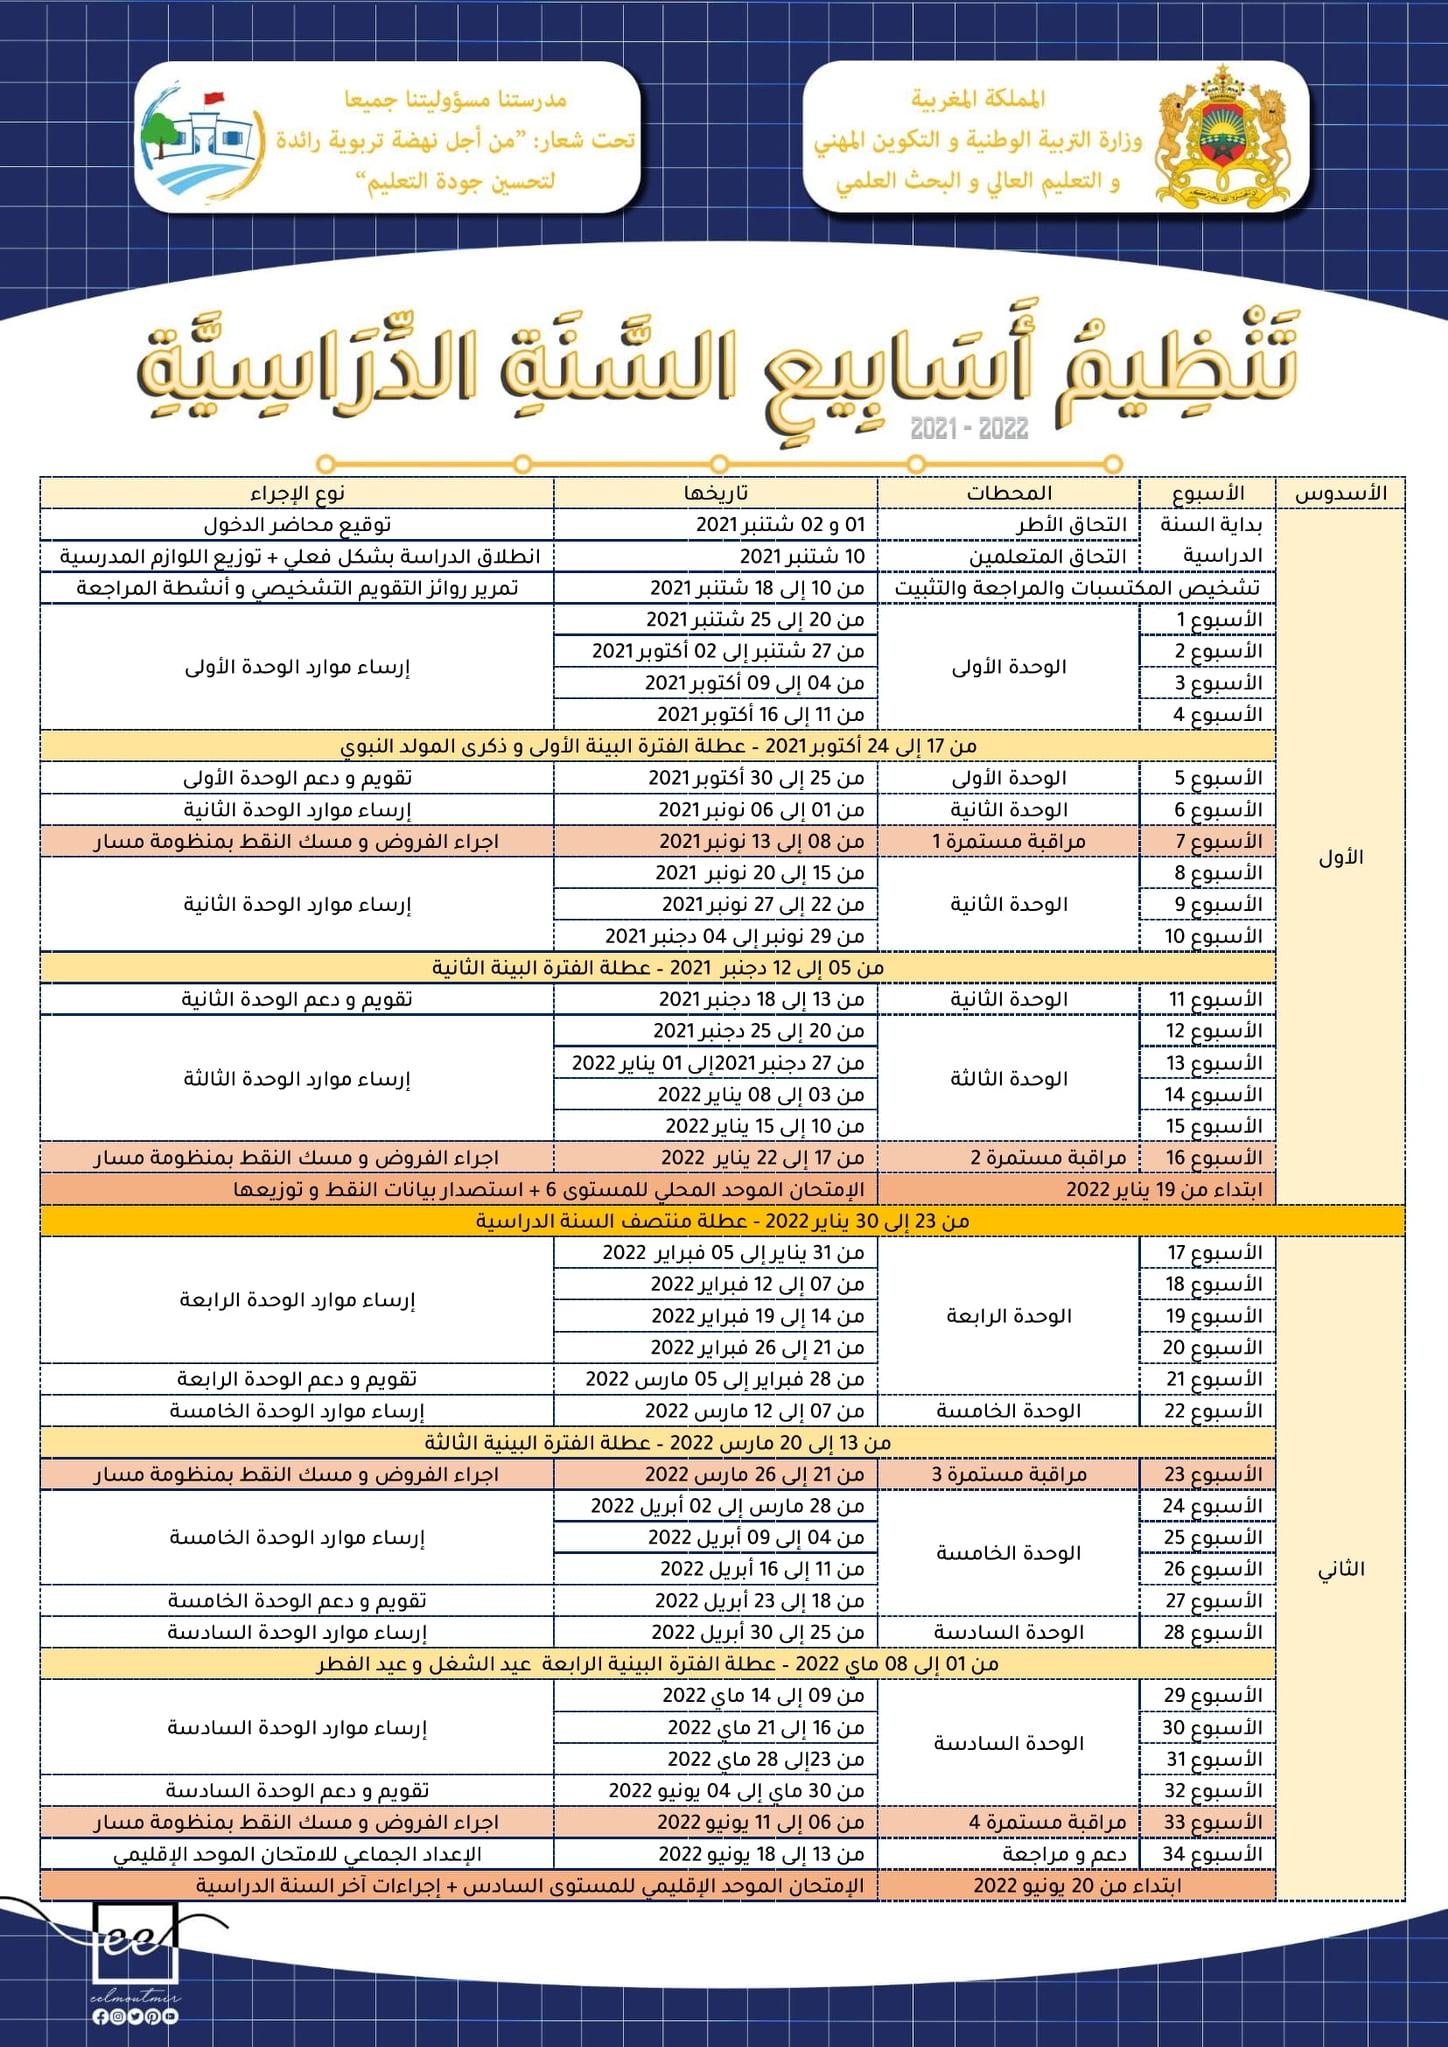 تنظيم أسابيع السنة الدراسية 2021 - 2022